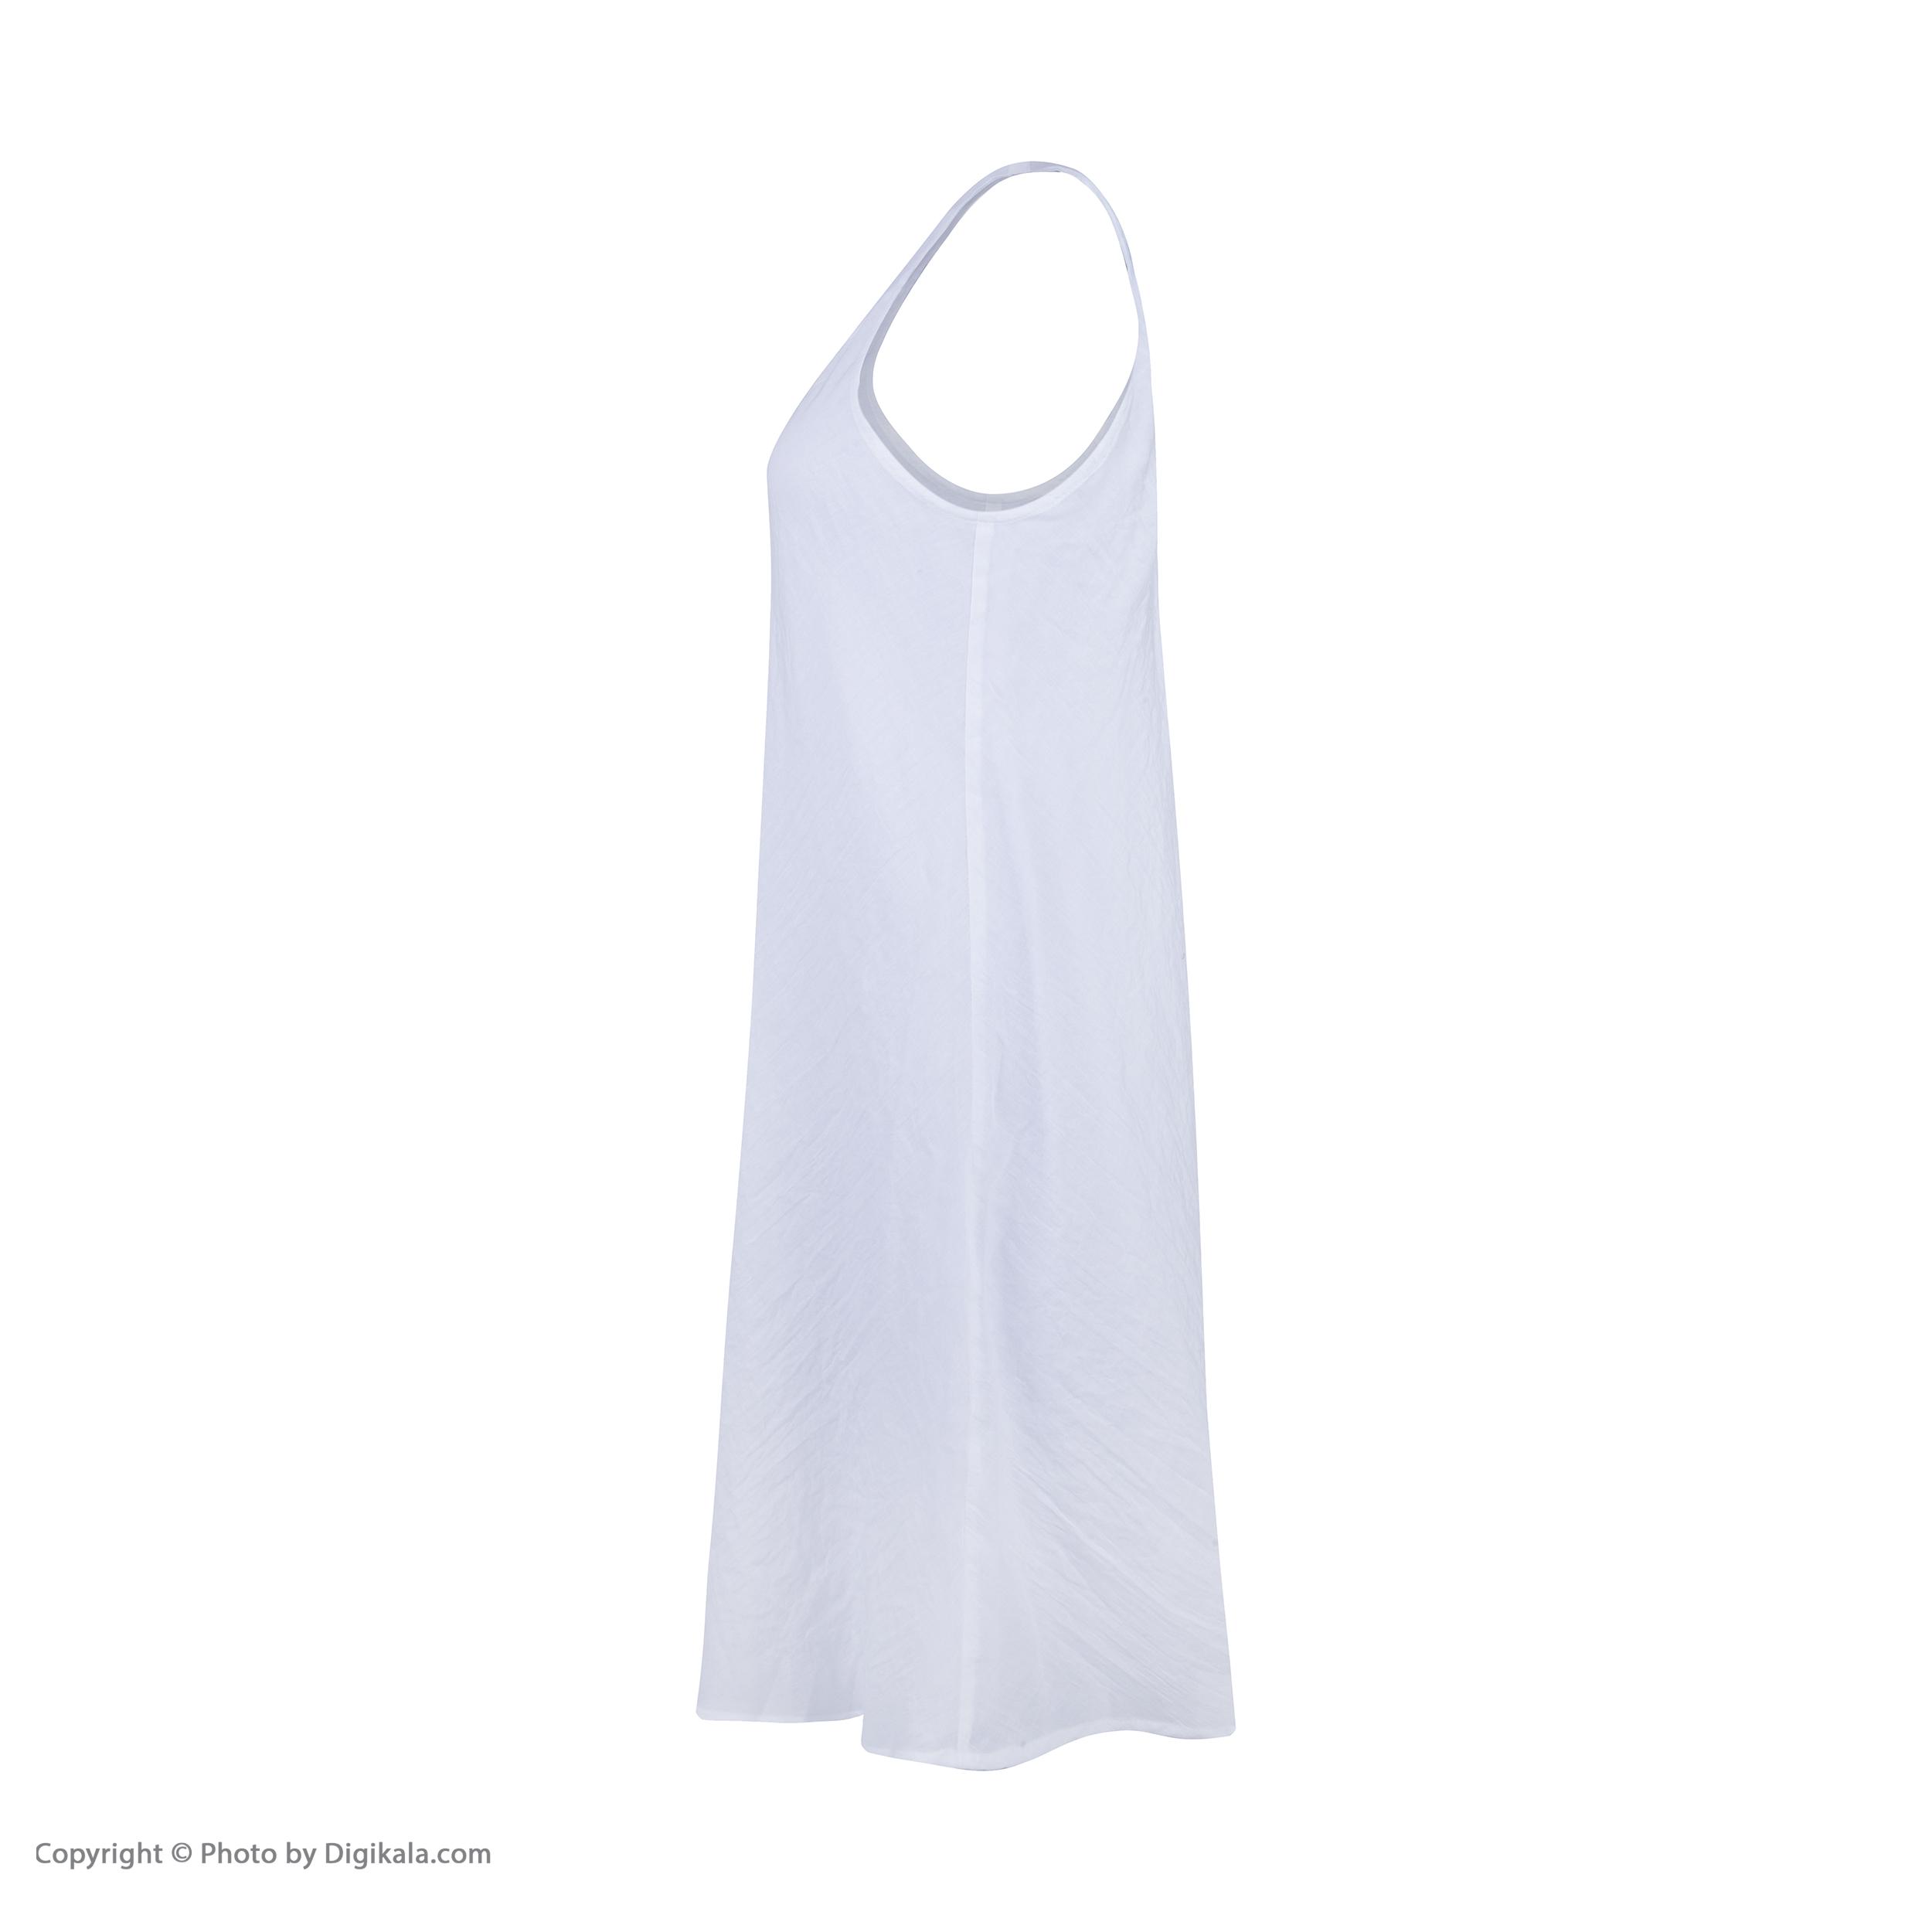 لباس خواب زنانه هیتو استایل مدل D28F366 -  - 2